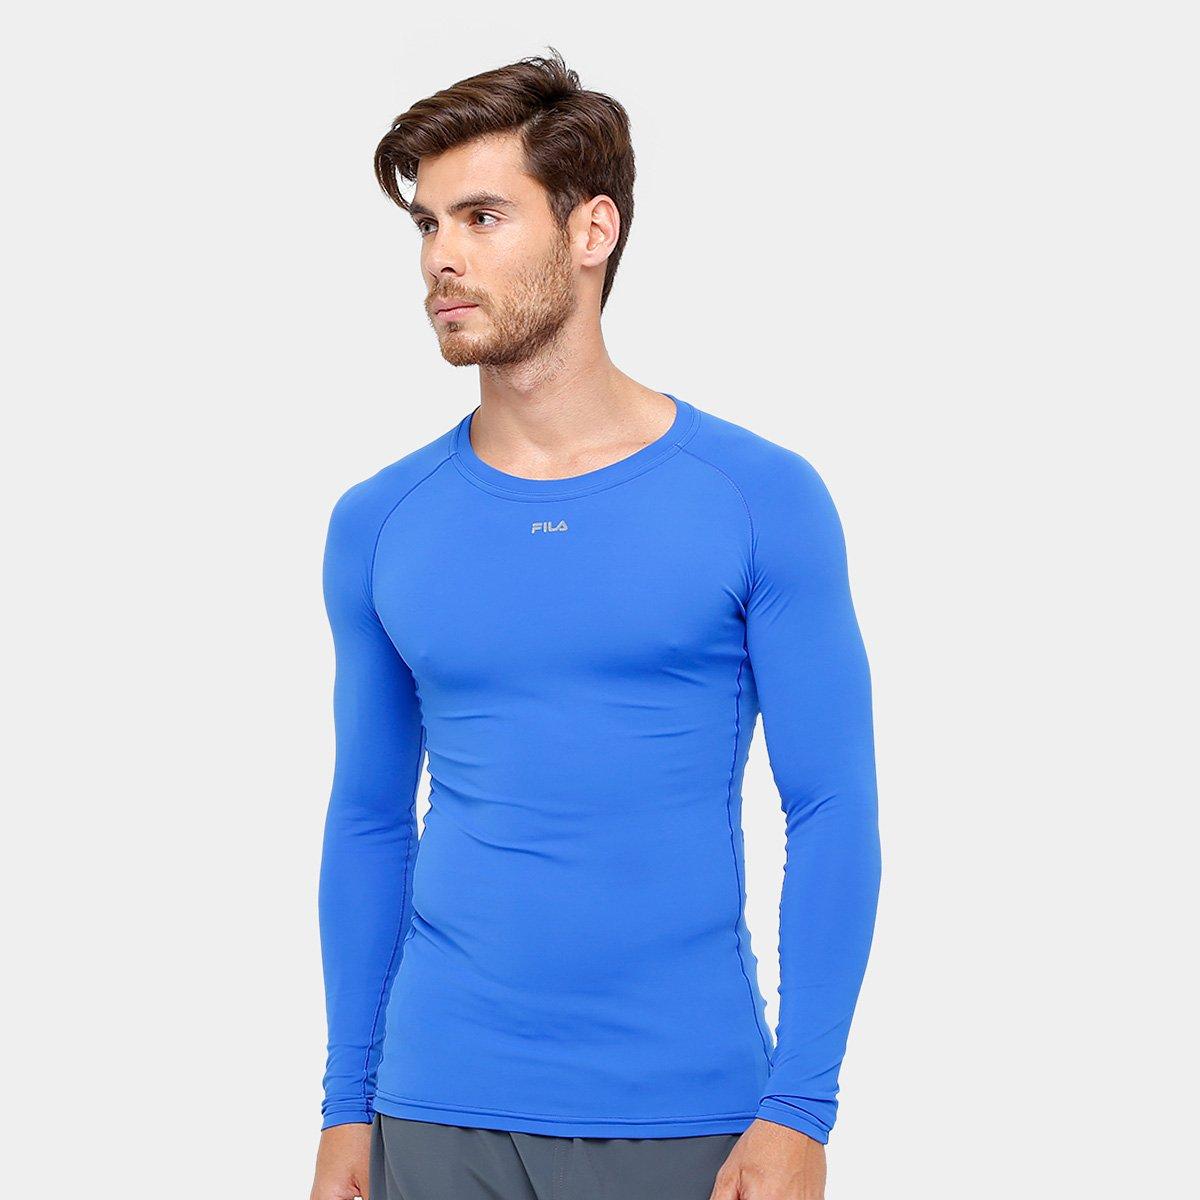 a73f93292619f Camiseta de Compressão Fila Manga Longa Masculina - Compre Agora ...